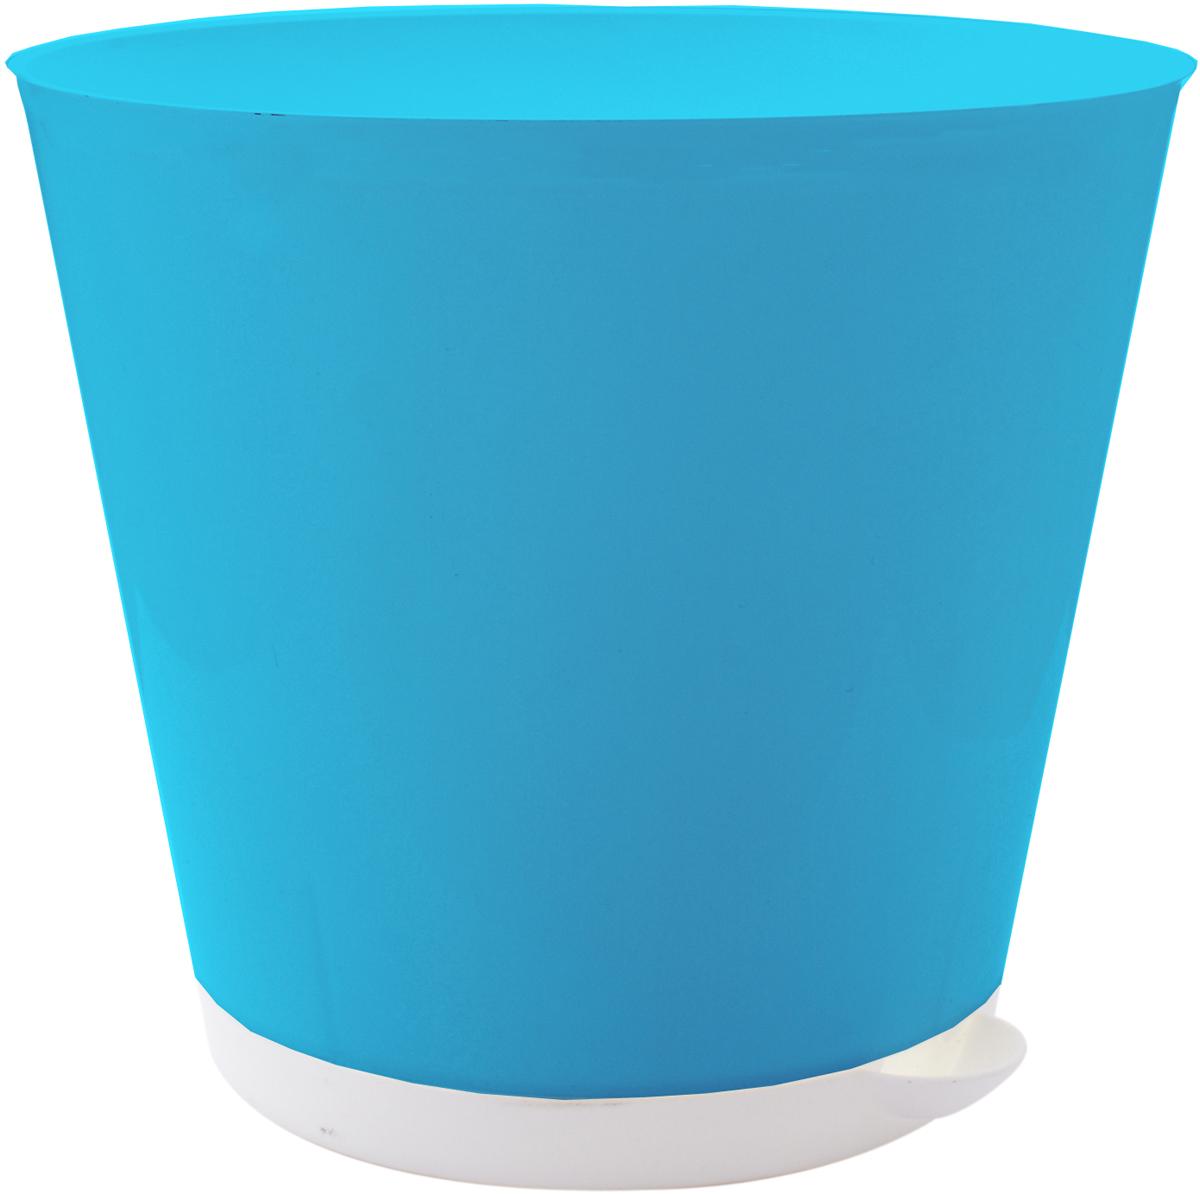 Горшок для цветов InGreen Крит, с системой прикорневого полива, цвет: светло-синий, белый, диаметр 22,6 смZ-0307Горшок InGreen Крит, выполненный из высококачественного пластика, предназначен для выращивания комнатных цветов, растений и трав. Специальная конструкция обеспечивает вентиляцию в корневой системе растения, а дренажные отверстия позволяют выходить лишней влаге из почвы. Крепежные отверстия и штыри прочно крепят подставку к горшку. Прикорневой полив растения осуществляется через удобный носик. Система прикорневого полива позволяет оставлять комнатное растение без внимания тем, кто часто находится в командировках или собирается в отпуск и не имеет возможности вовремя поливать цветы.Такой горшок порадует вас современным дизайном и функциональностью, а также оригинально украсит интерьер любого помещения. Объем: 5 л.